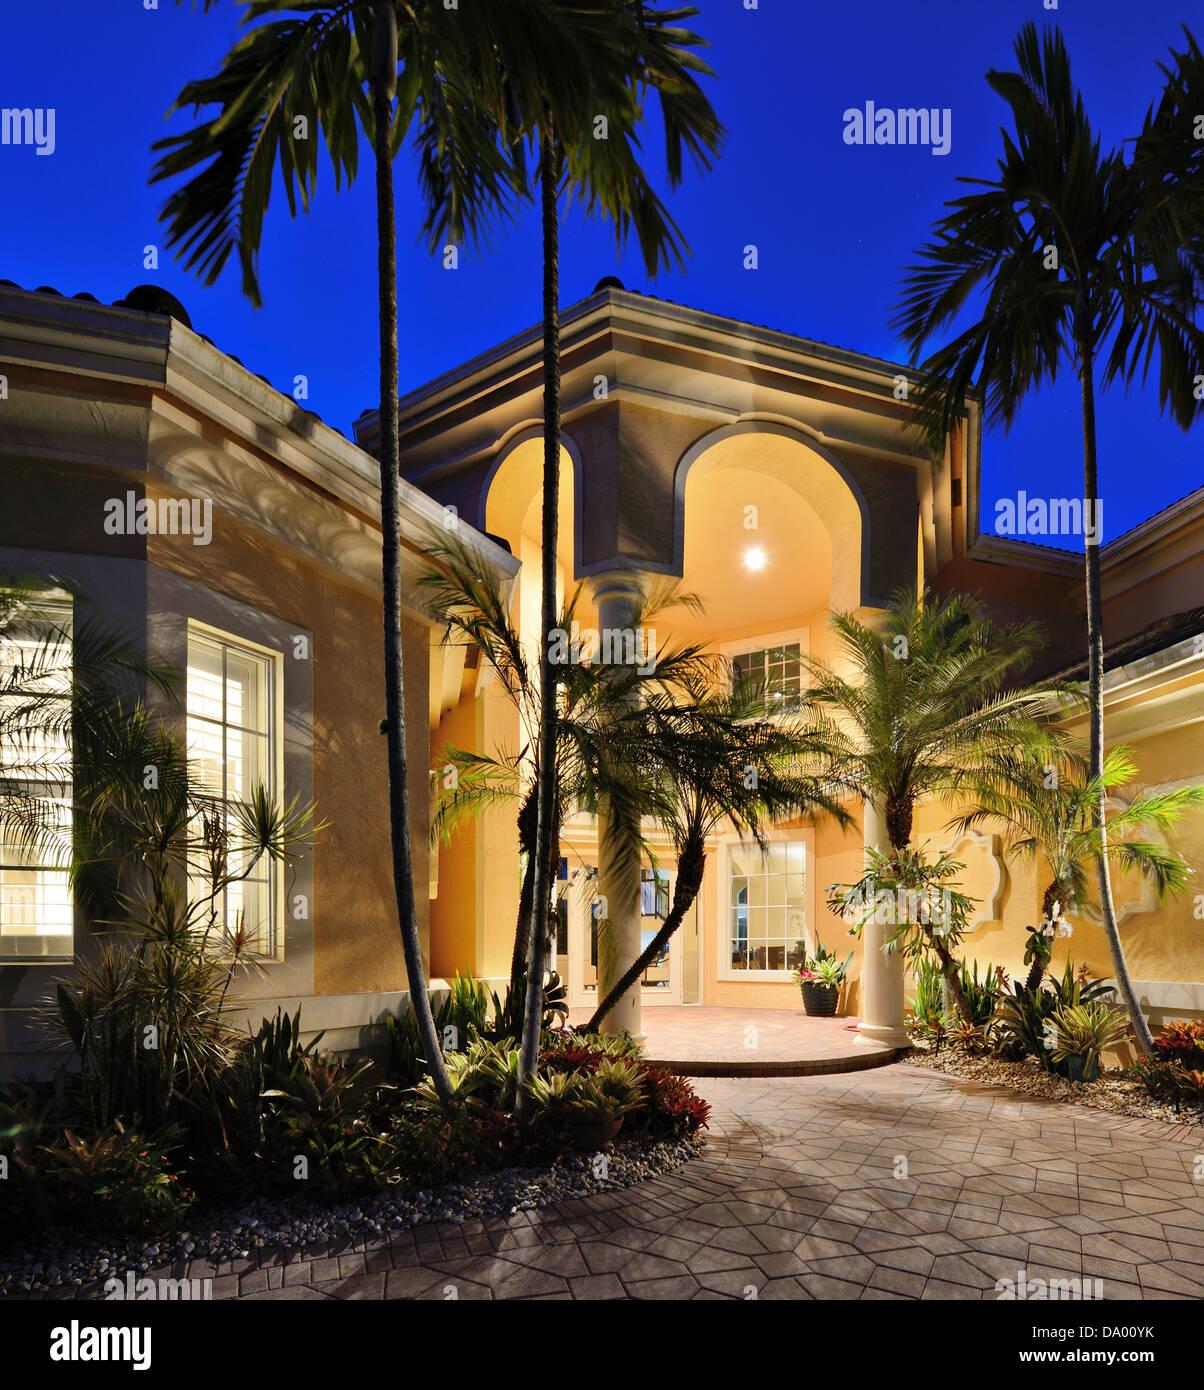 Mansion ingresso in una posizione tropicale. Immagini Stock